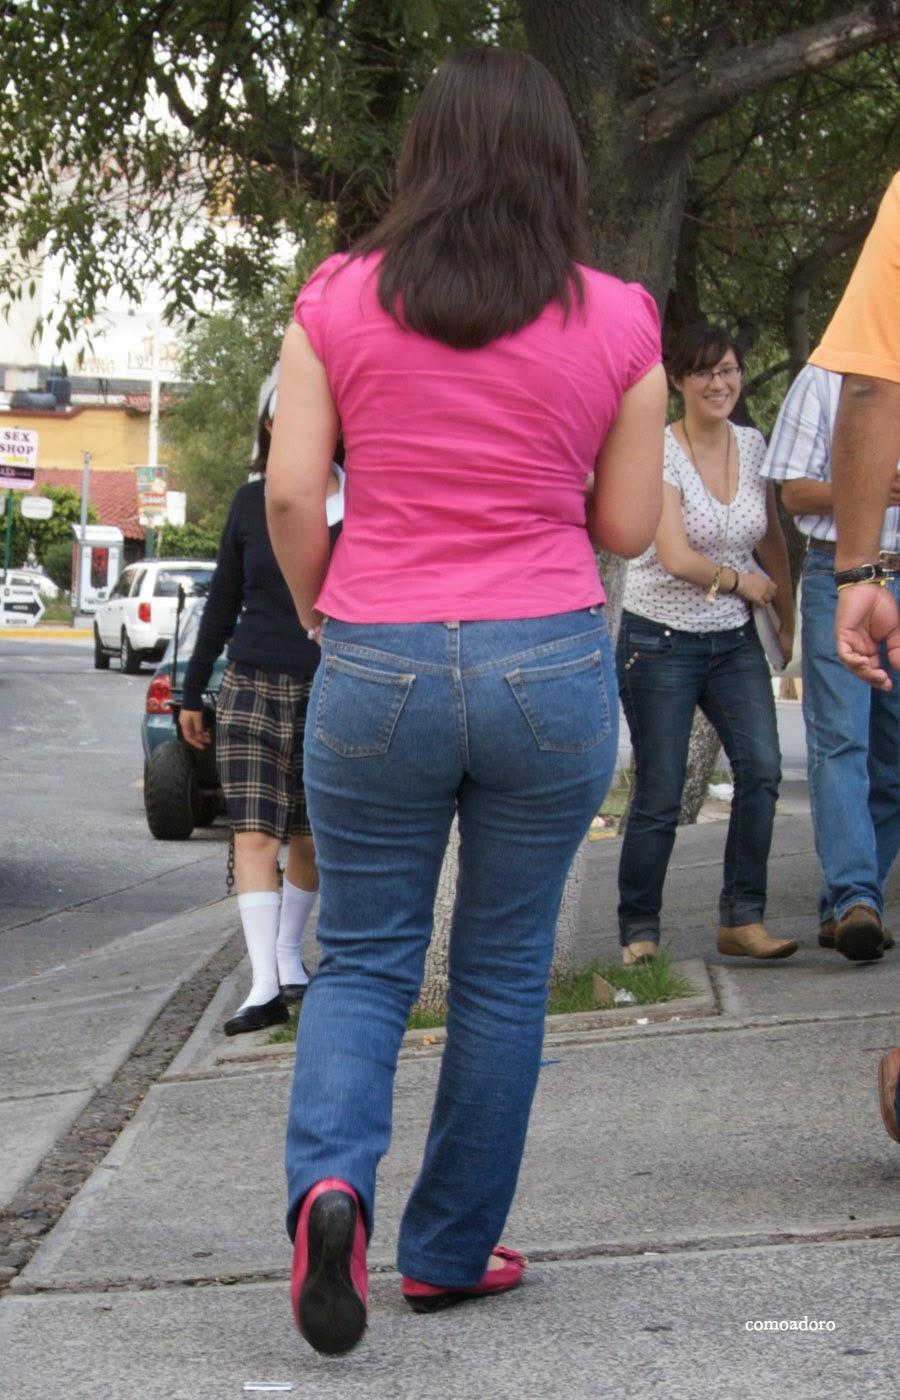 Candid jovensita por la ciudad piernas largas culona - 3 part 7